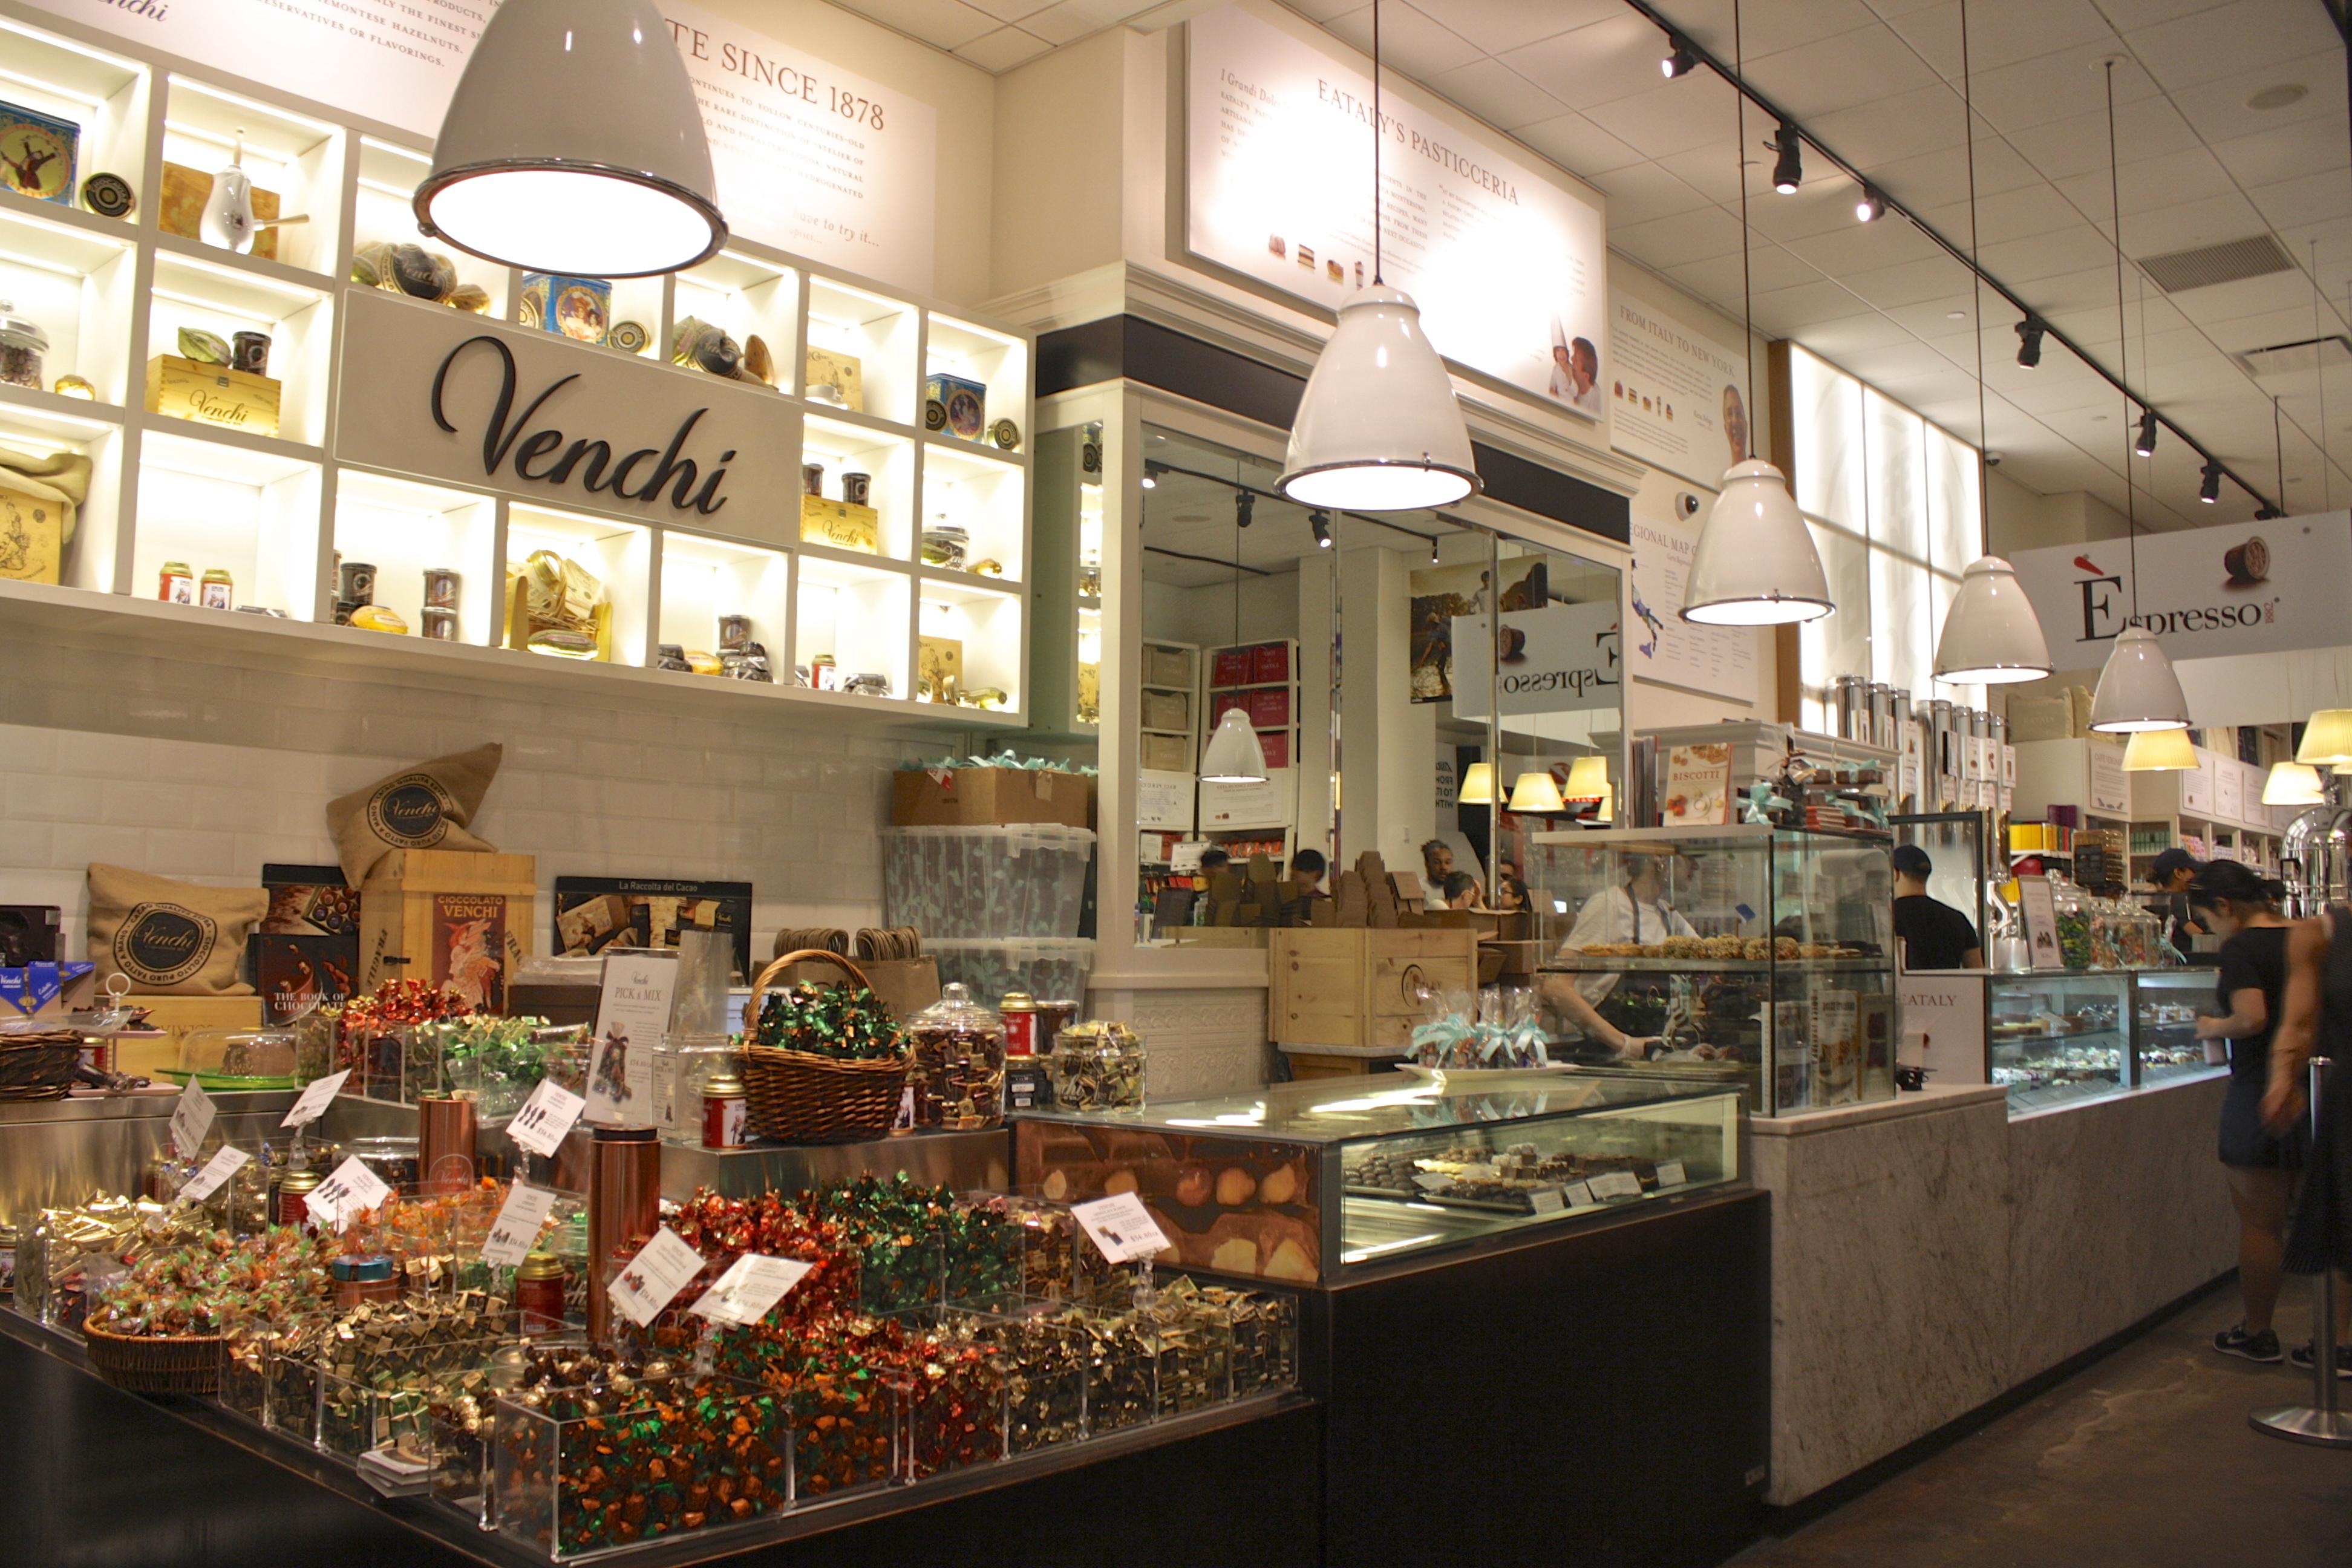 Eataly NYC: Gourmet Italian Food in the Flatiron